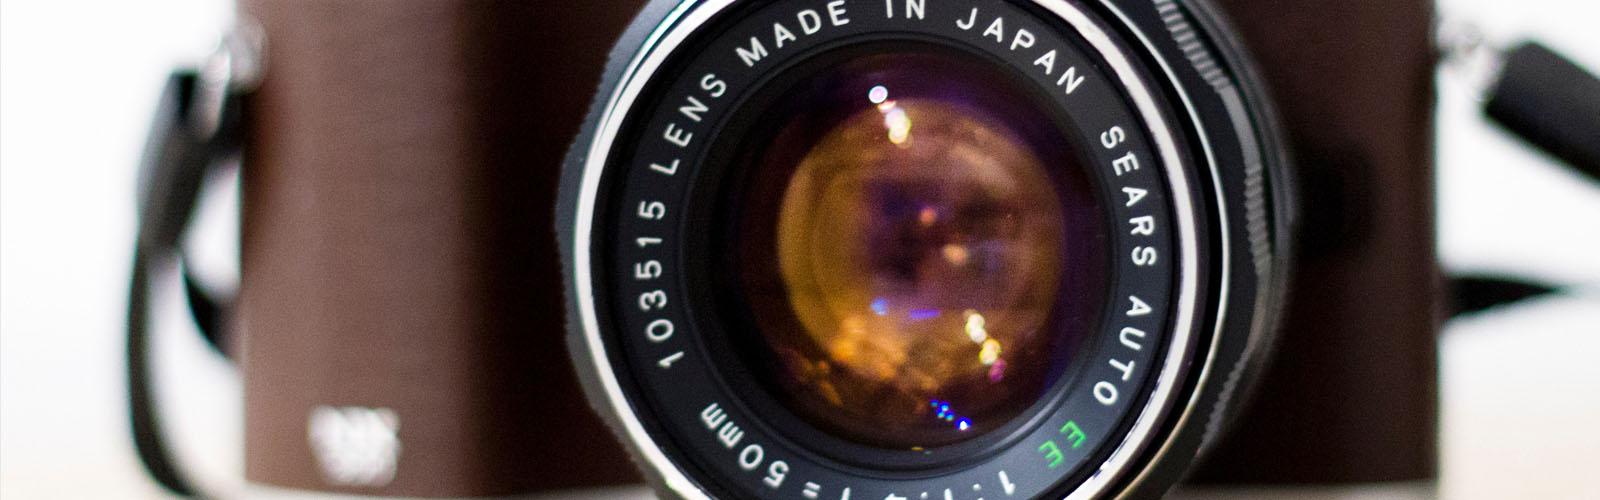 Camera lens closeup view